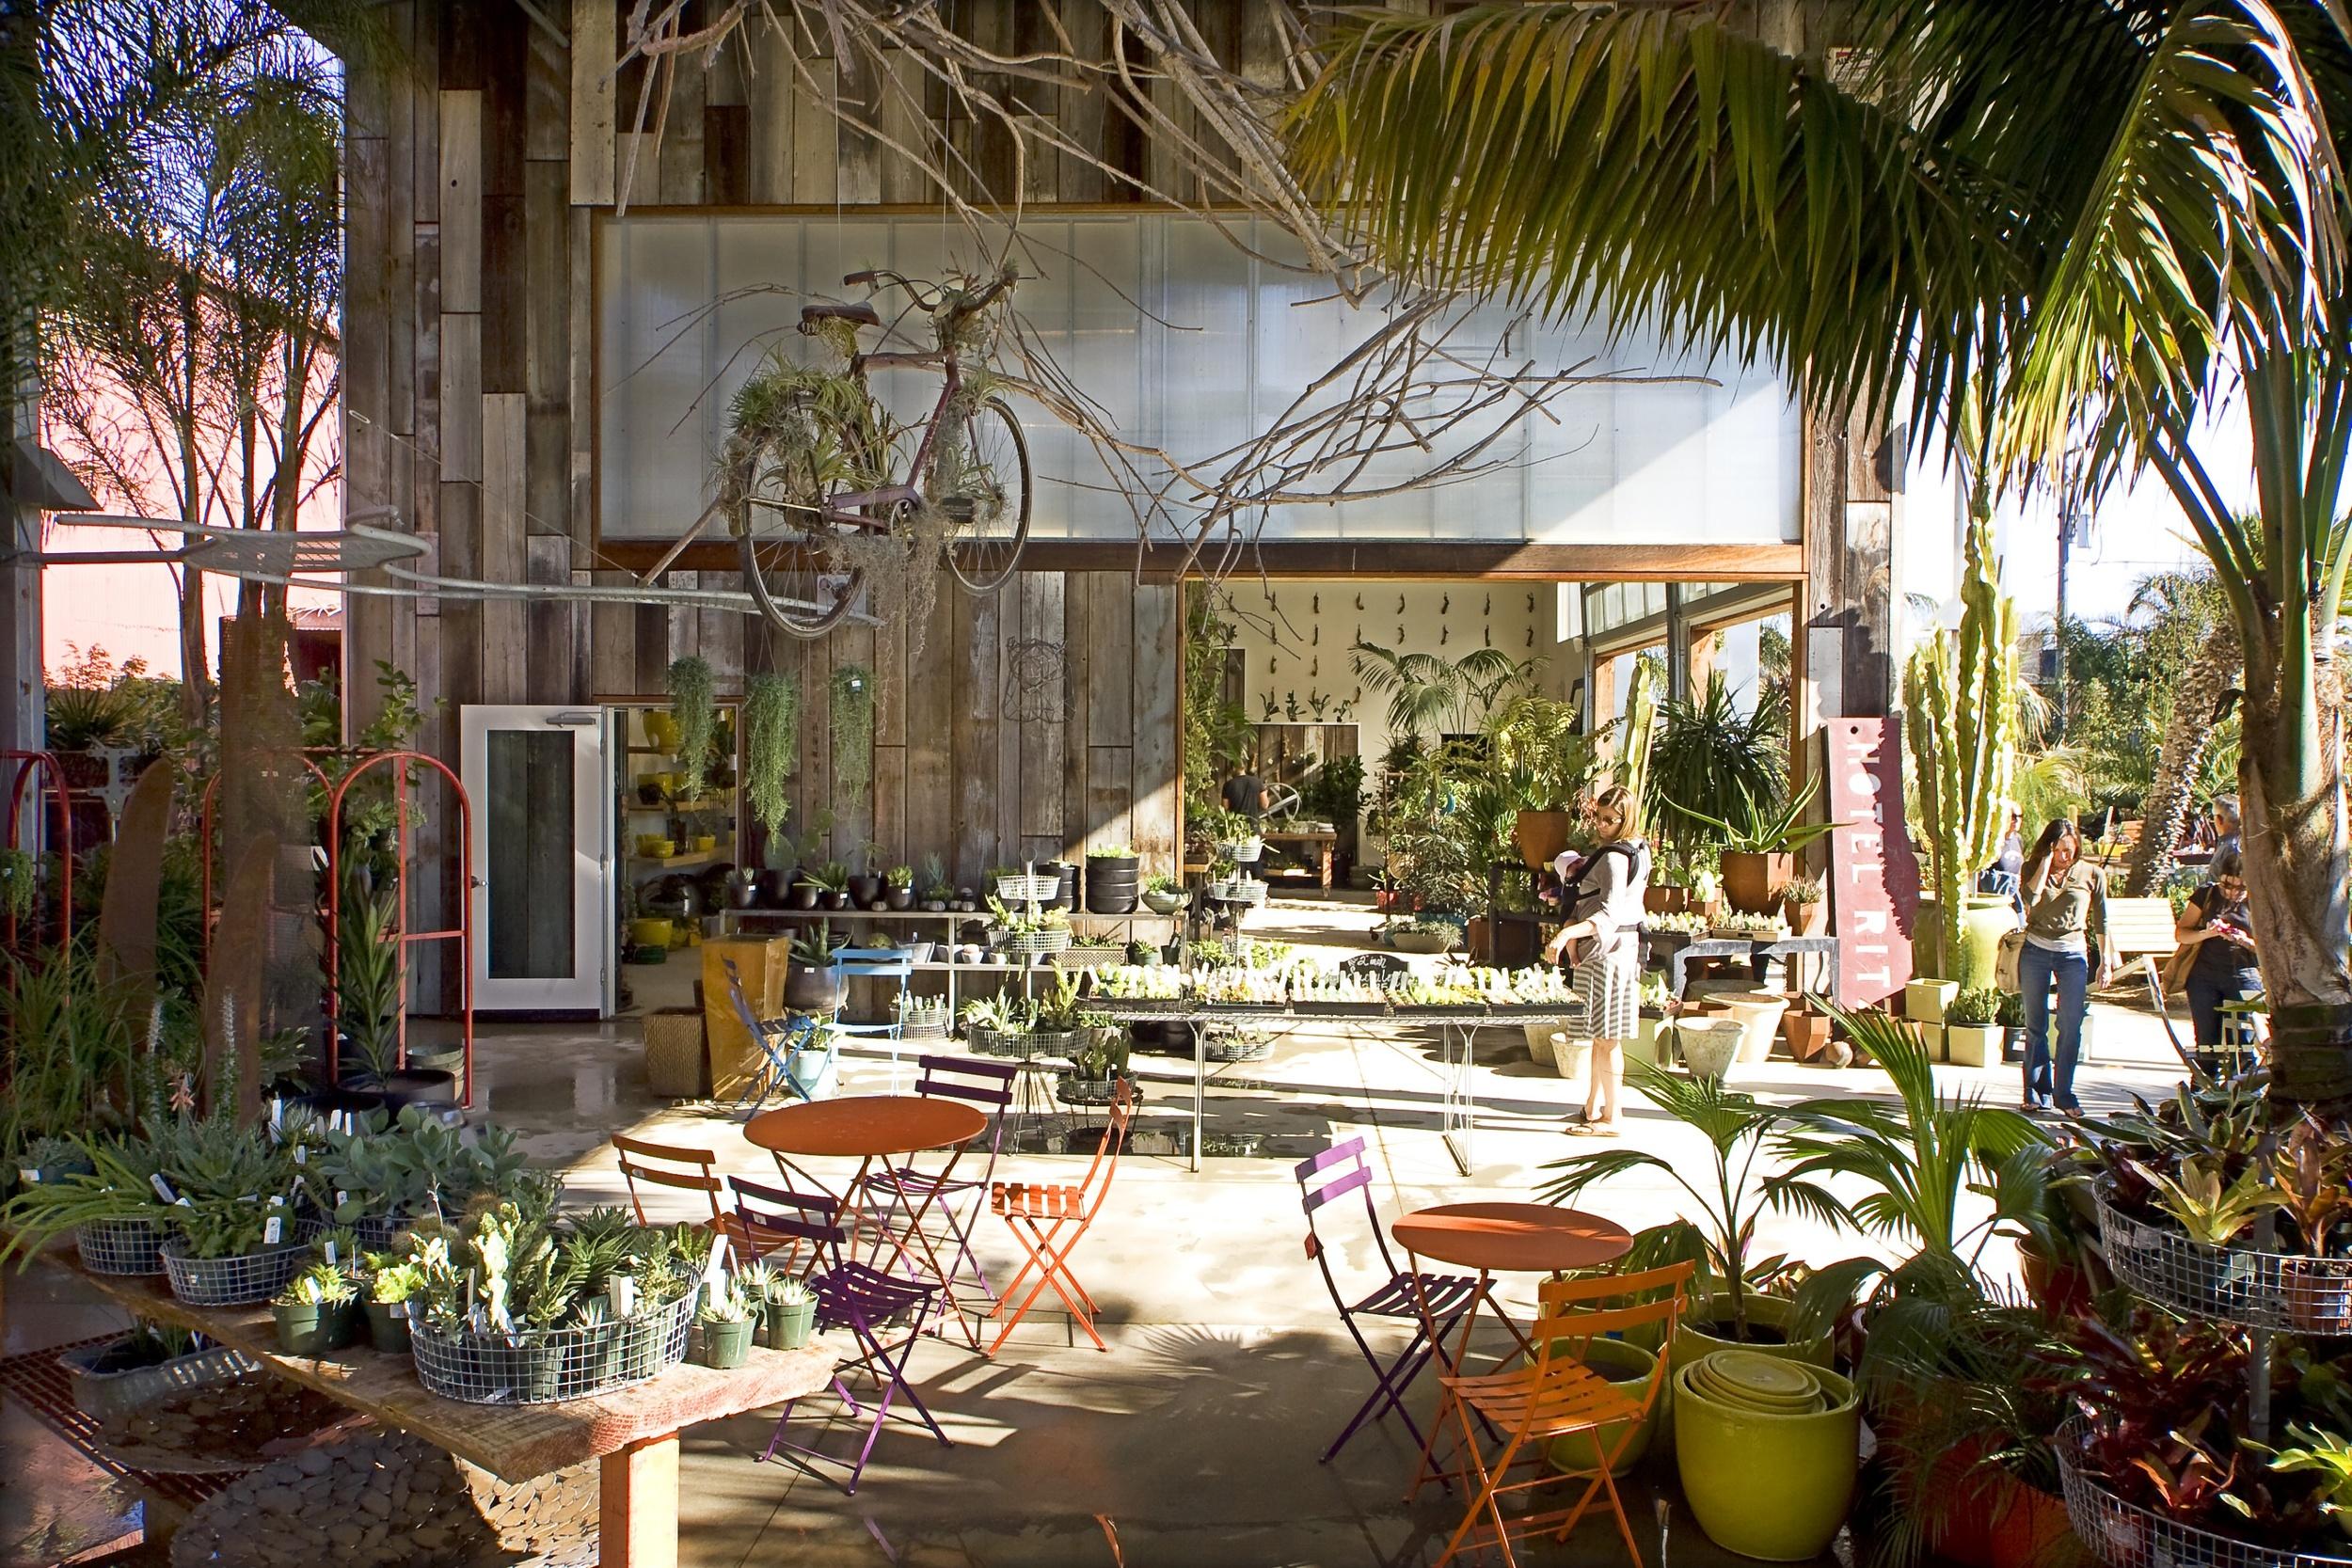 Flora Grubb Gardens is an open-air gardening center offers unique plants, garden décor, and an espresso bar.